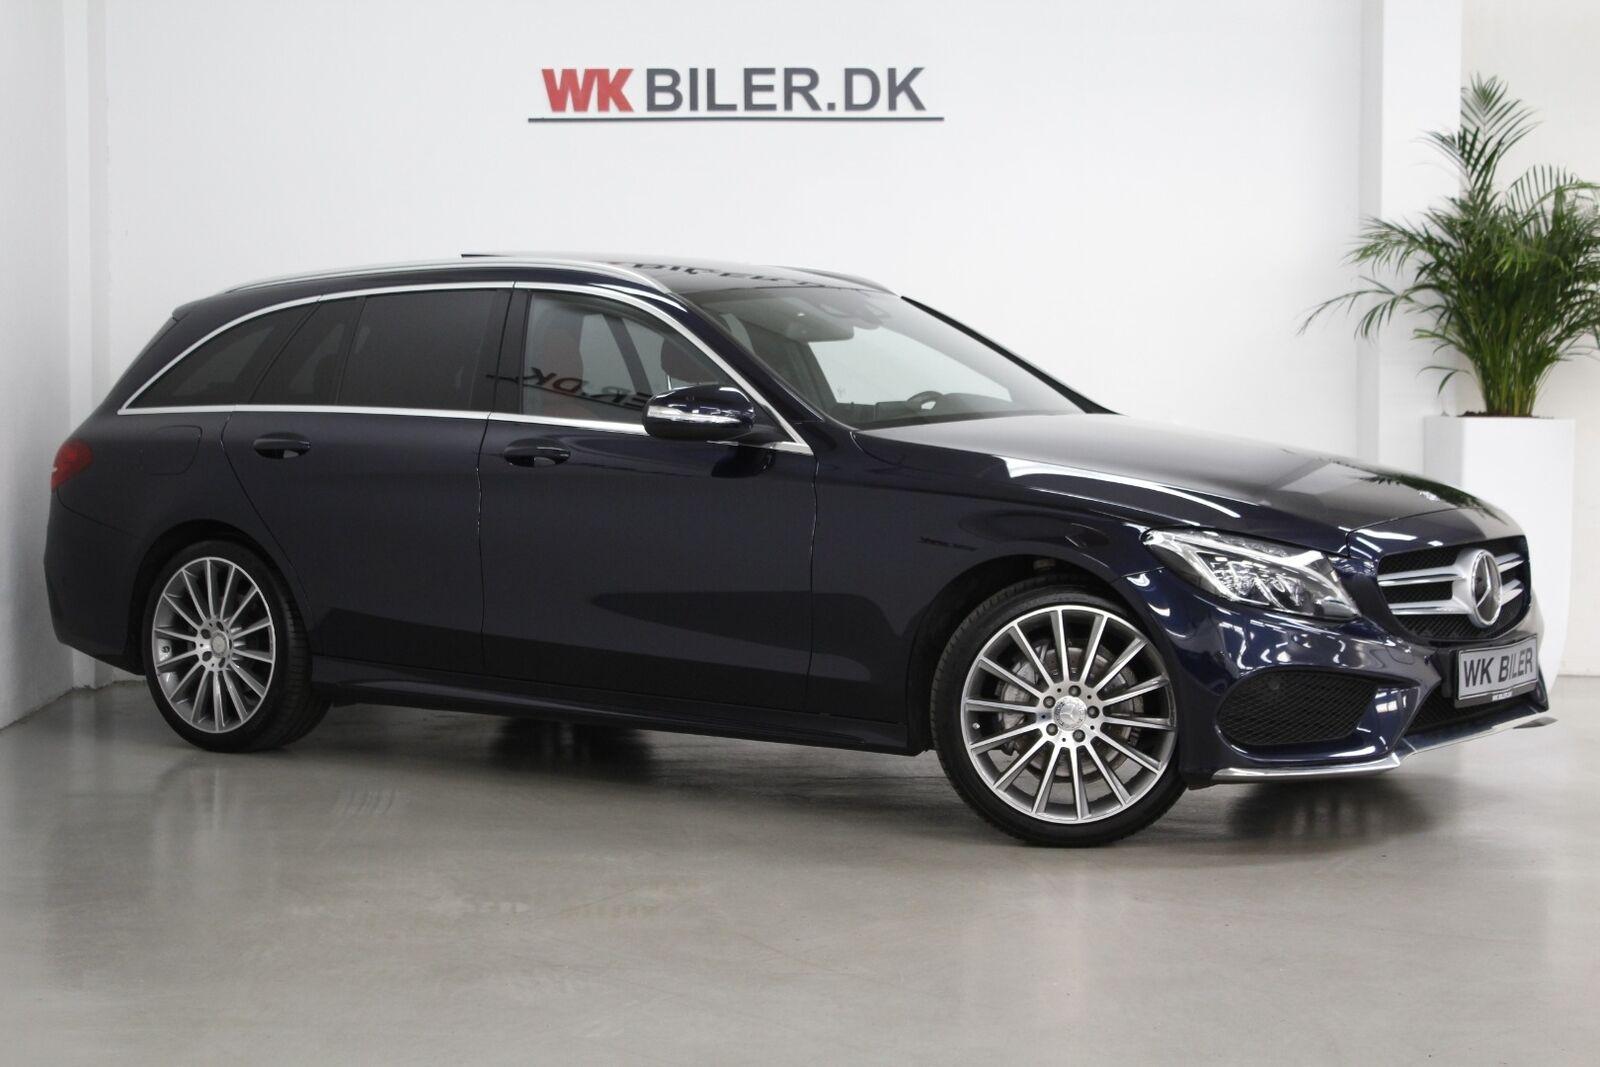 Mercedes C200 2,0 AMG Line stc. aut. 5d - 339.800 kr.